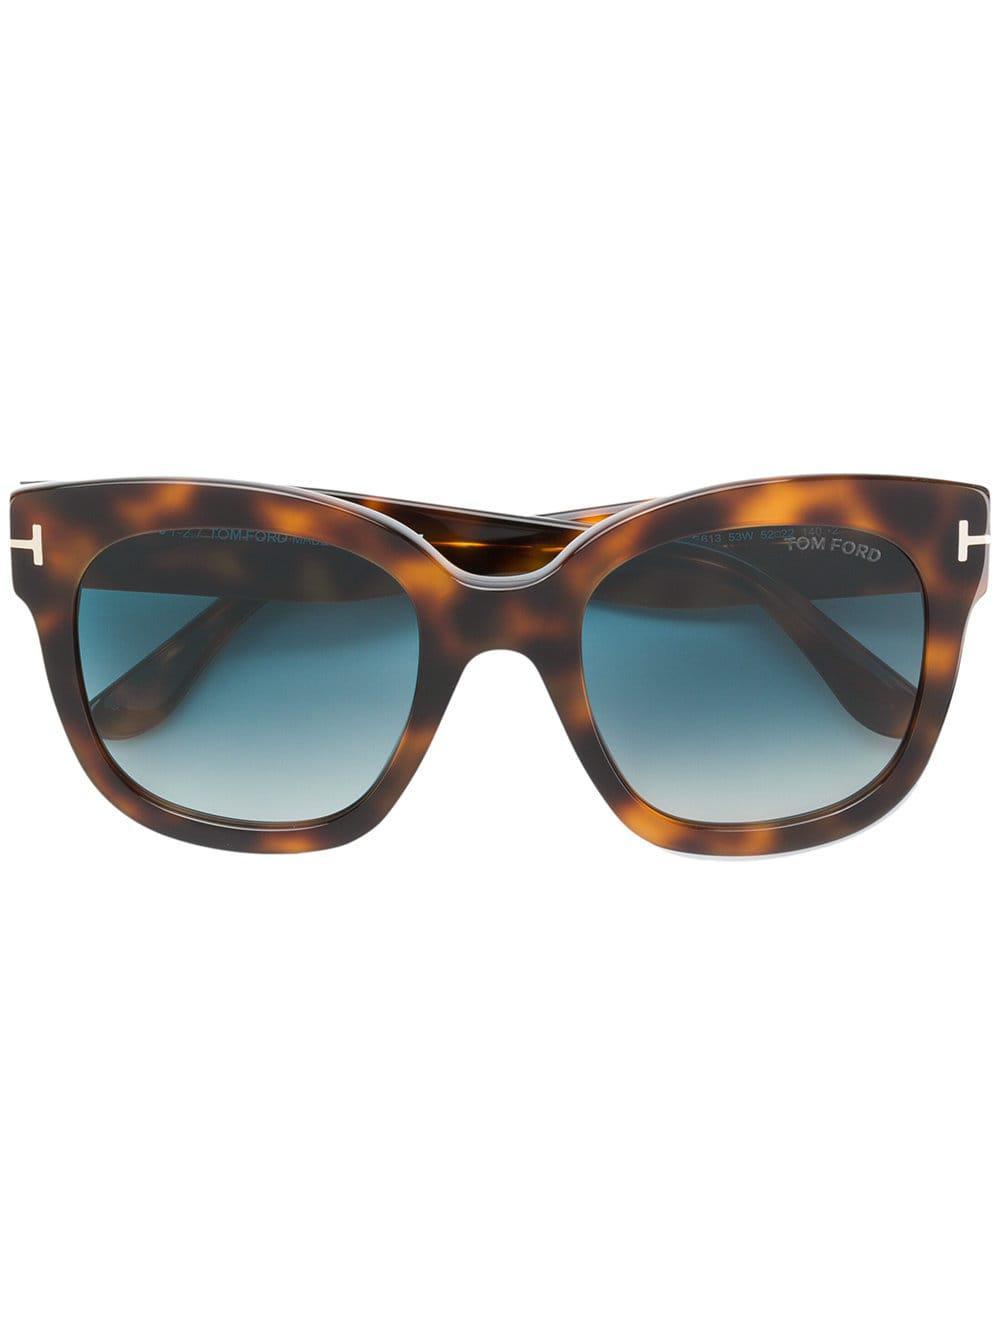 05214c3b5381c3 Lyst - Lunettes de soleil à monture papillon Tom Ford en coloris Marron